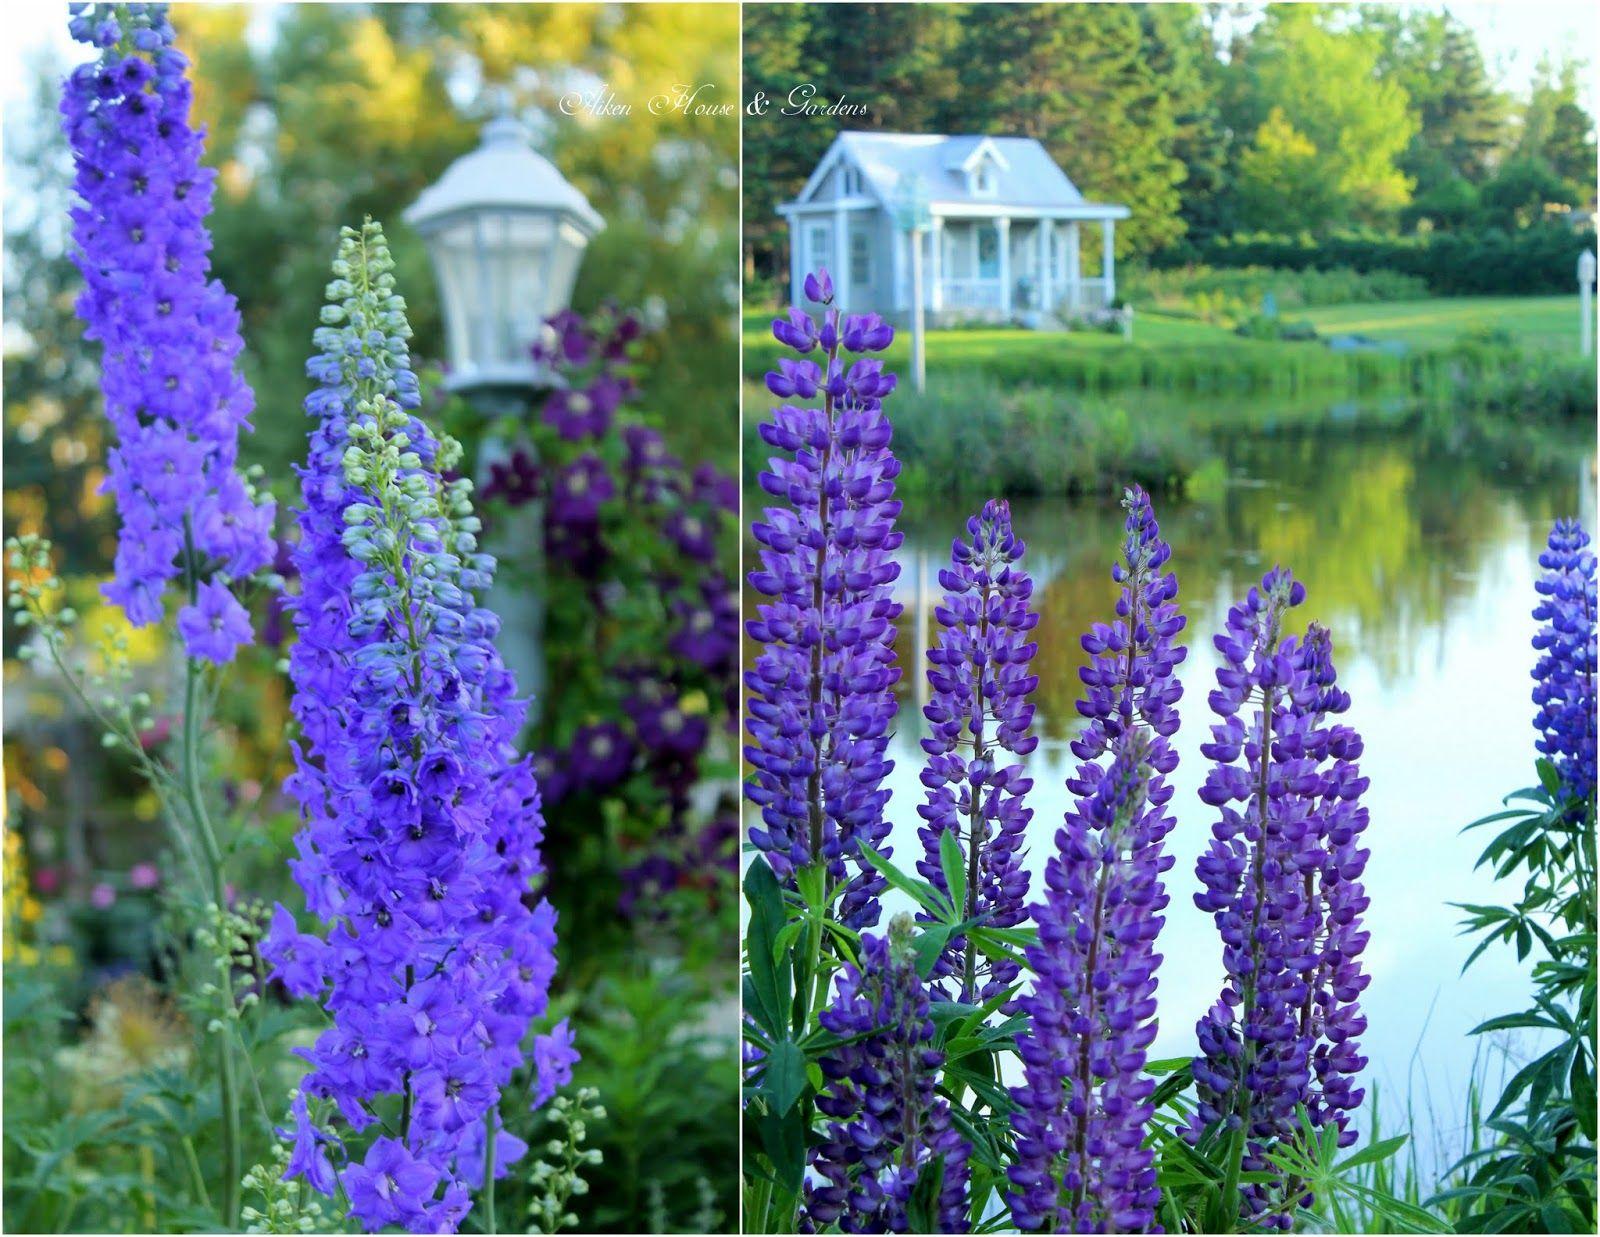 Aiken House & Gardens: The Color Purple | Aiken house & Garden ...